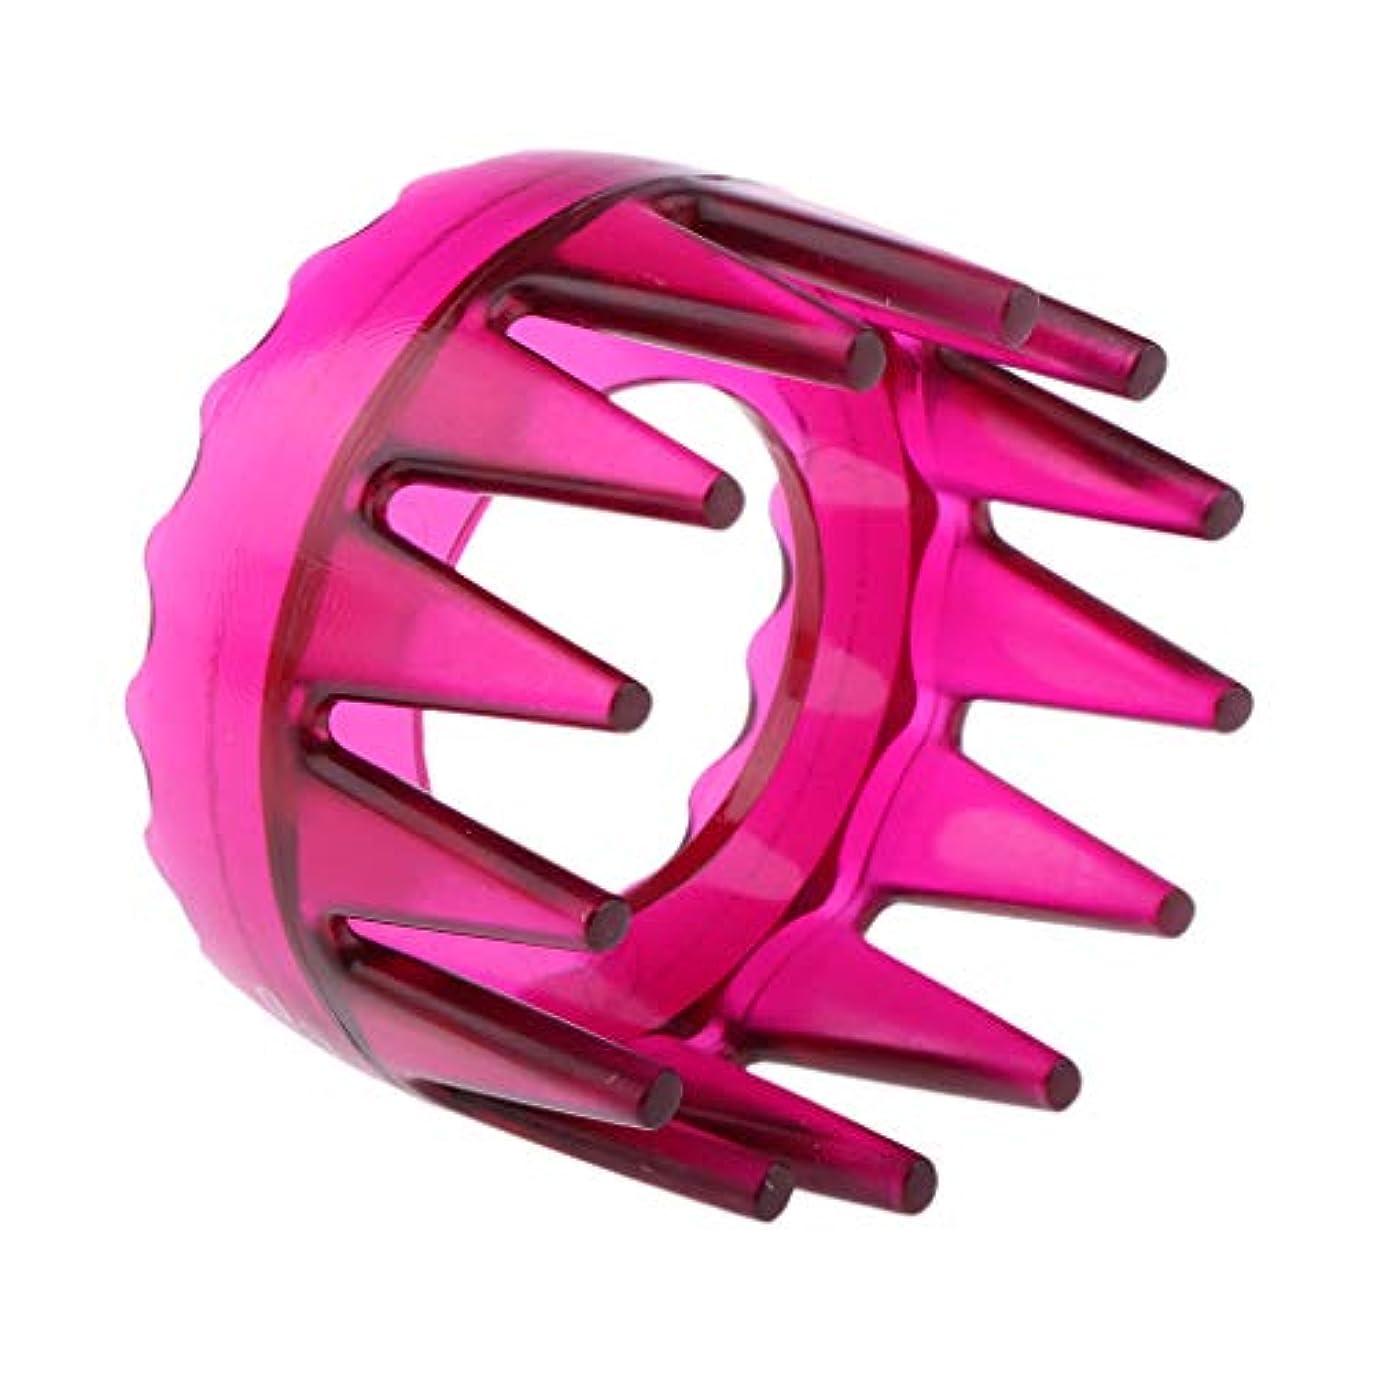 ファイアルドループ腐食するSM SunniMix シャンプーブラシ 洗髪櫛 マッサージャー ヘアコーム ヘアブラシ 滑り止め 快適 リラックス 全4色 - ローズレッド